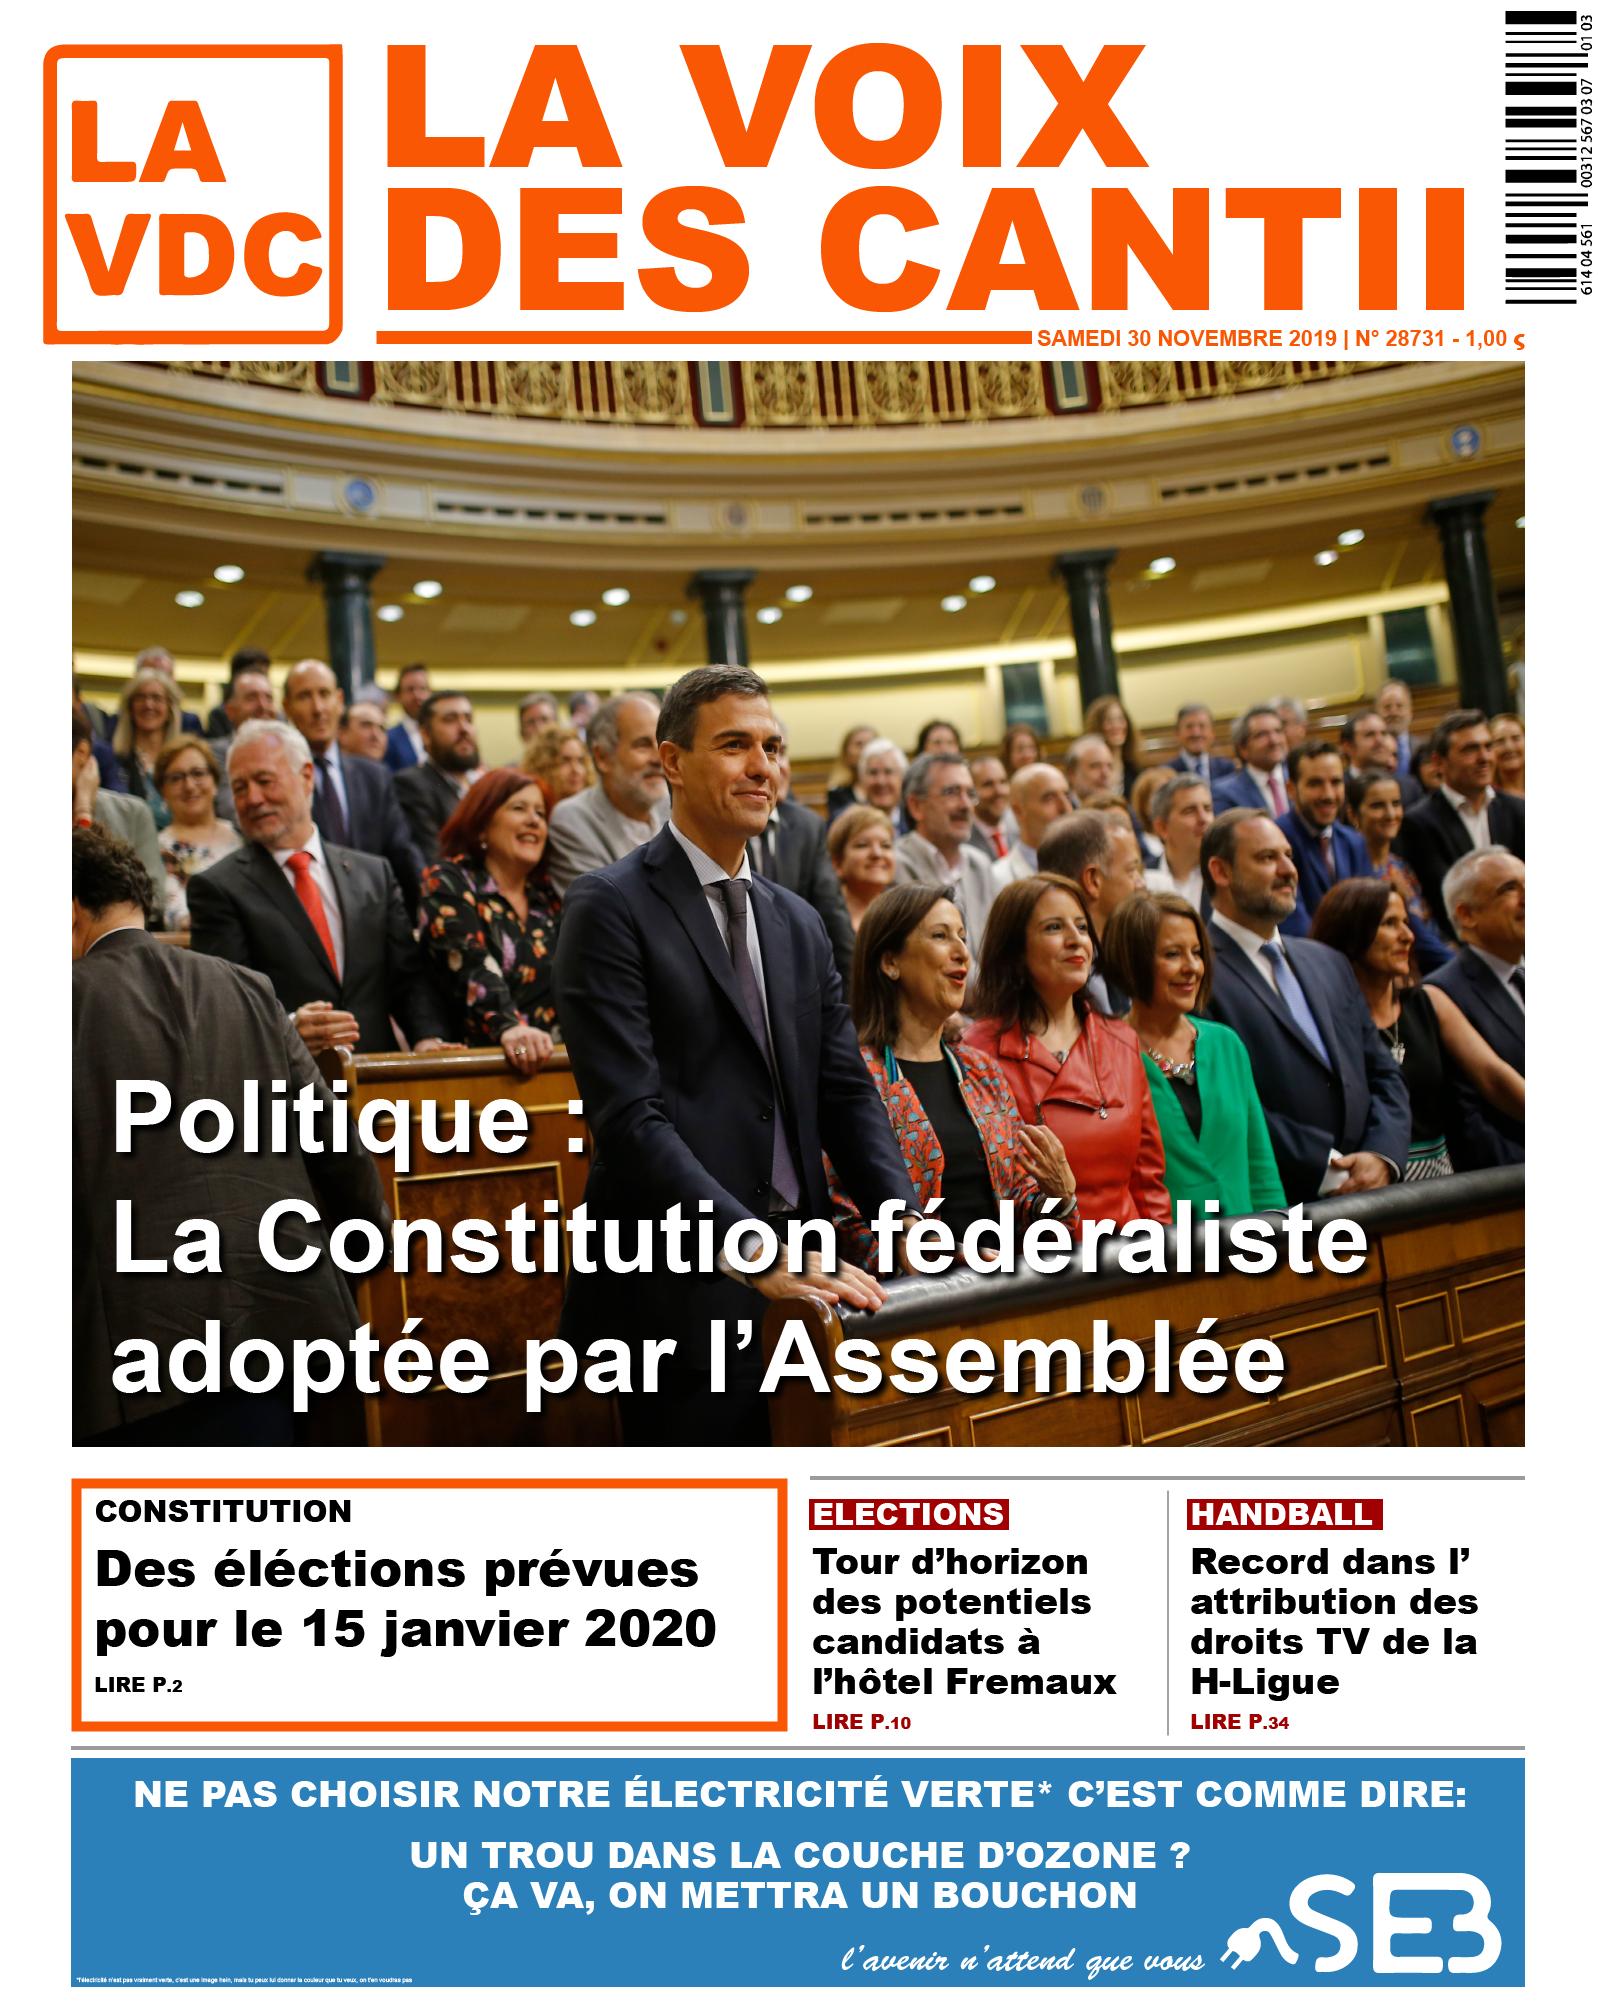 La Voix des Cantii - Page 4 VDC_N28731